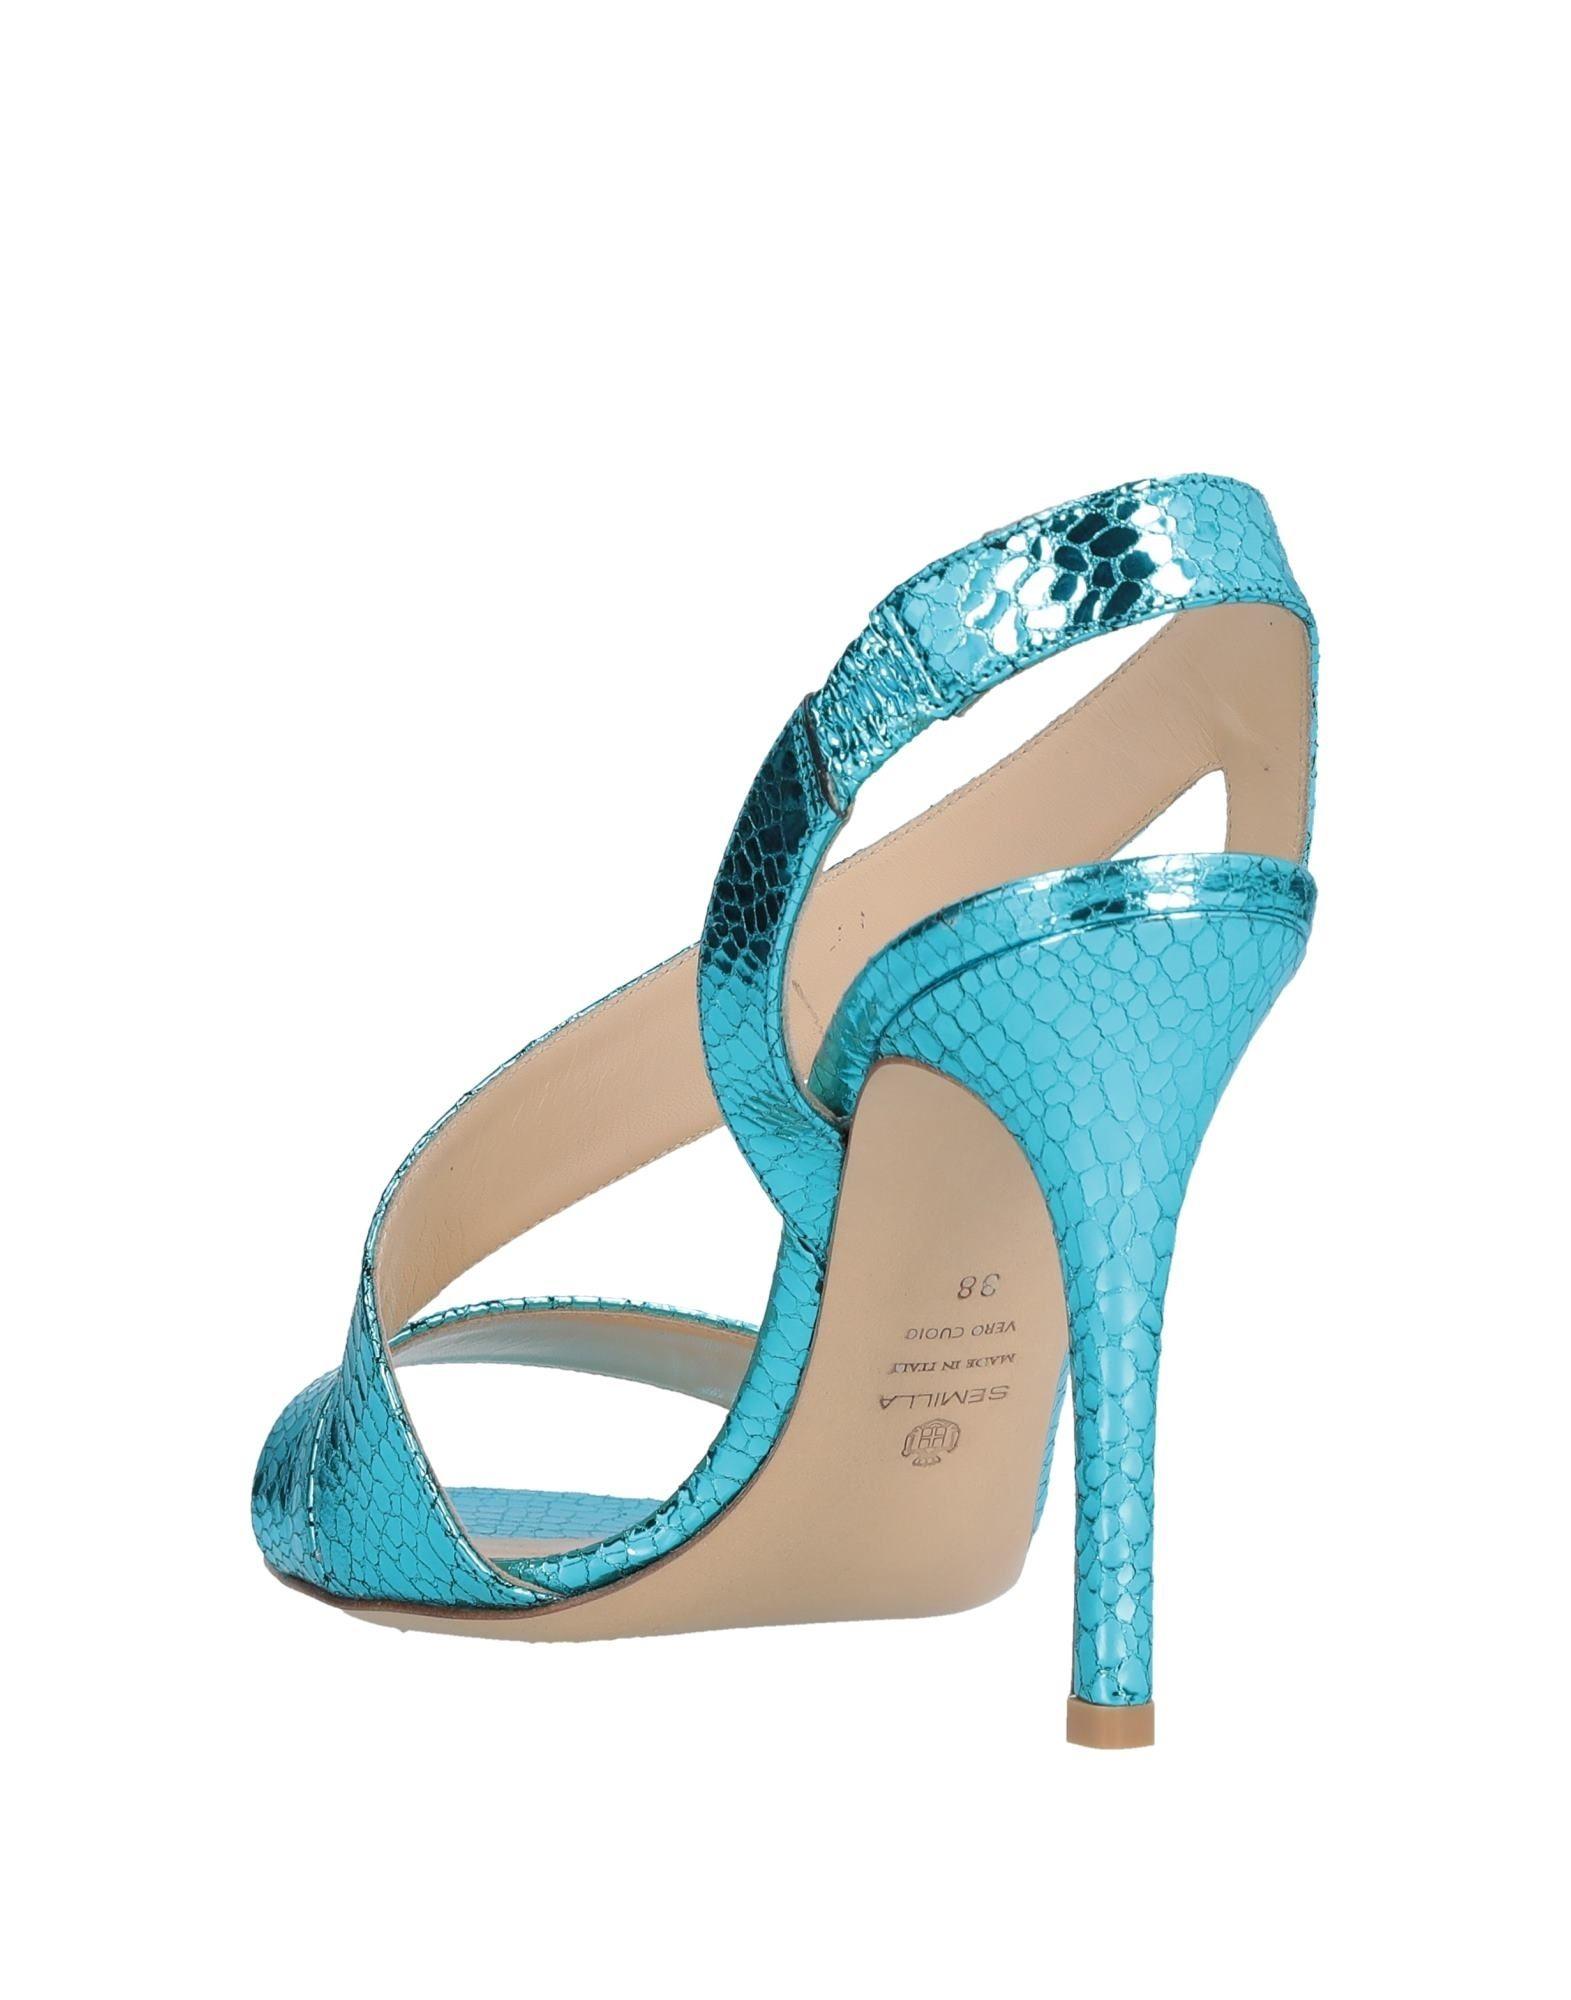 67f3dee0e593 ... Semilla Sandals Sandals Sandals - Women Semilla Sandals online on  United Kingdom - 11534738VW f103fb ...